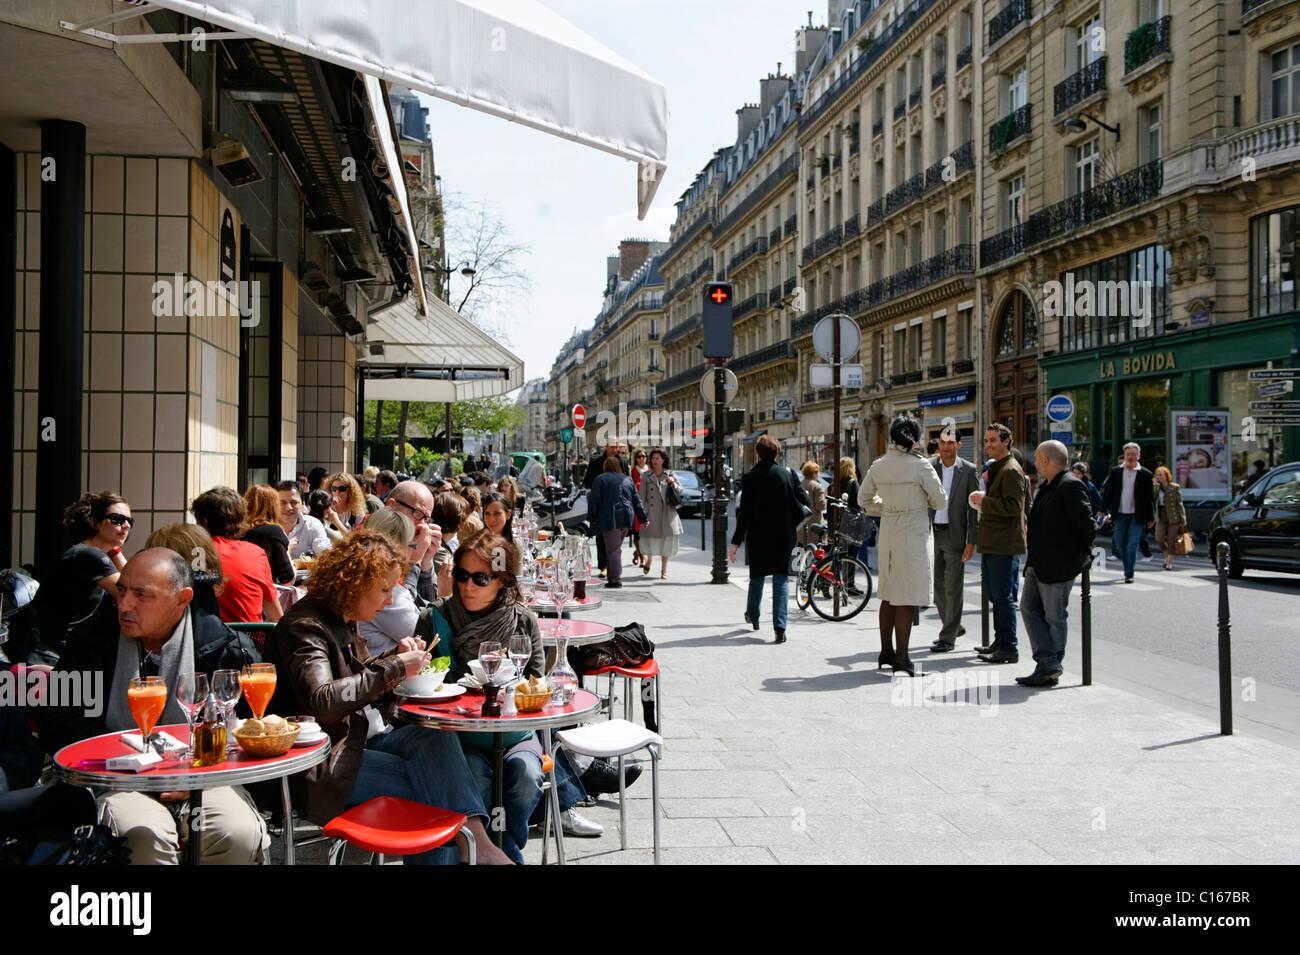 Street cafe, shops, Rue Montorgueil, 2. Arrondissement, city centre, Paris, France, Europe - Stock Image